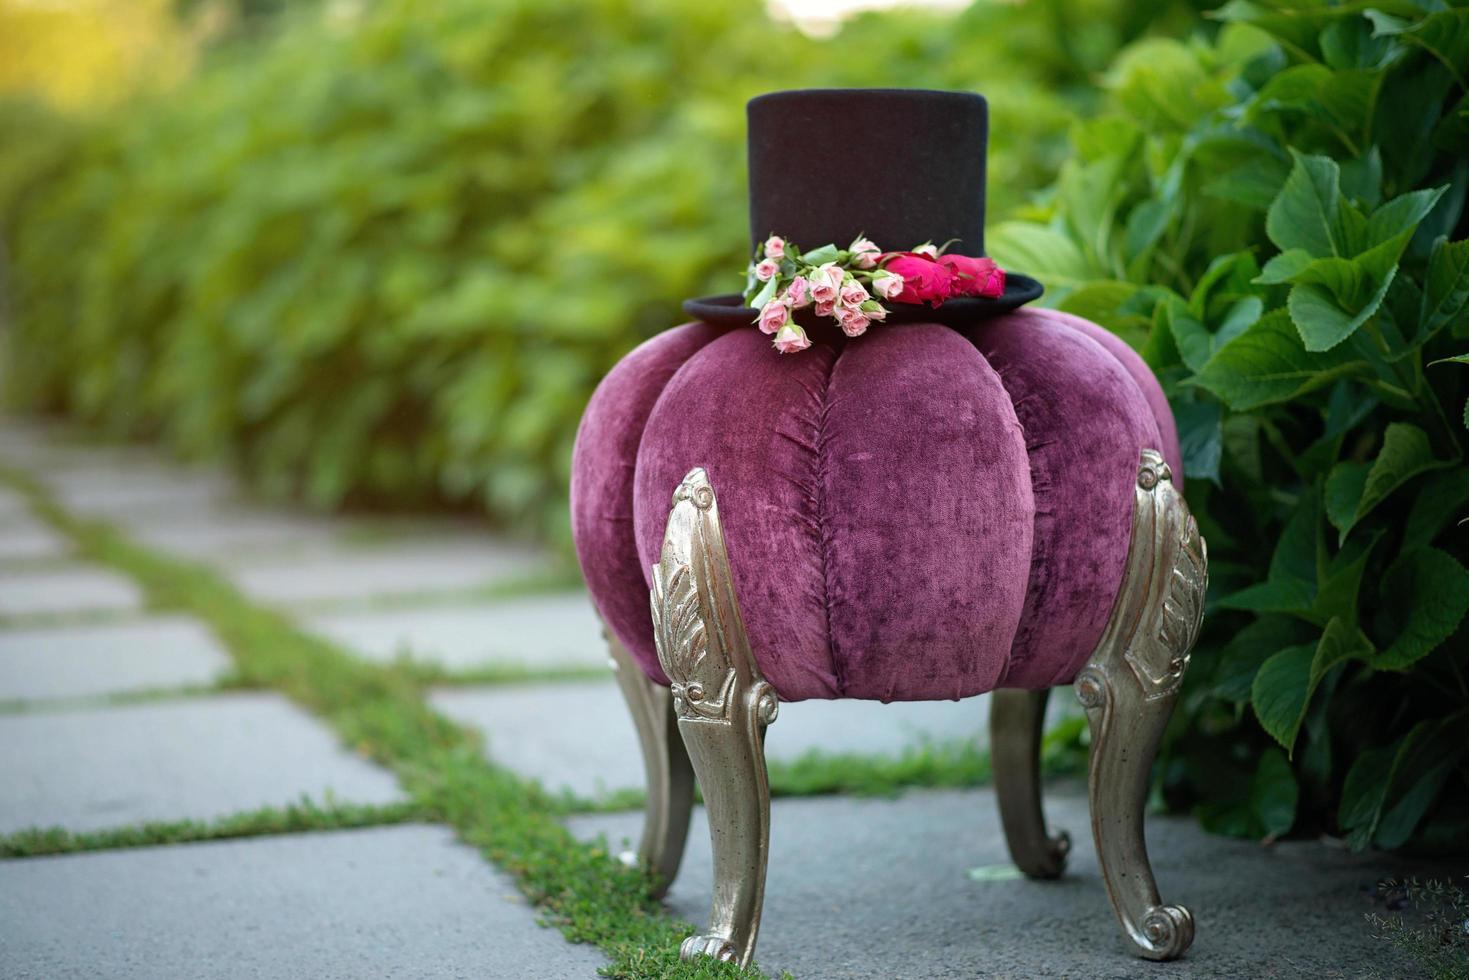 Alicia en el país de las Maravillas. sombrero cilíndrico decorado con flores rosas sobre un puf decorativo morado. enfoque selectivo suave. foto